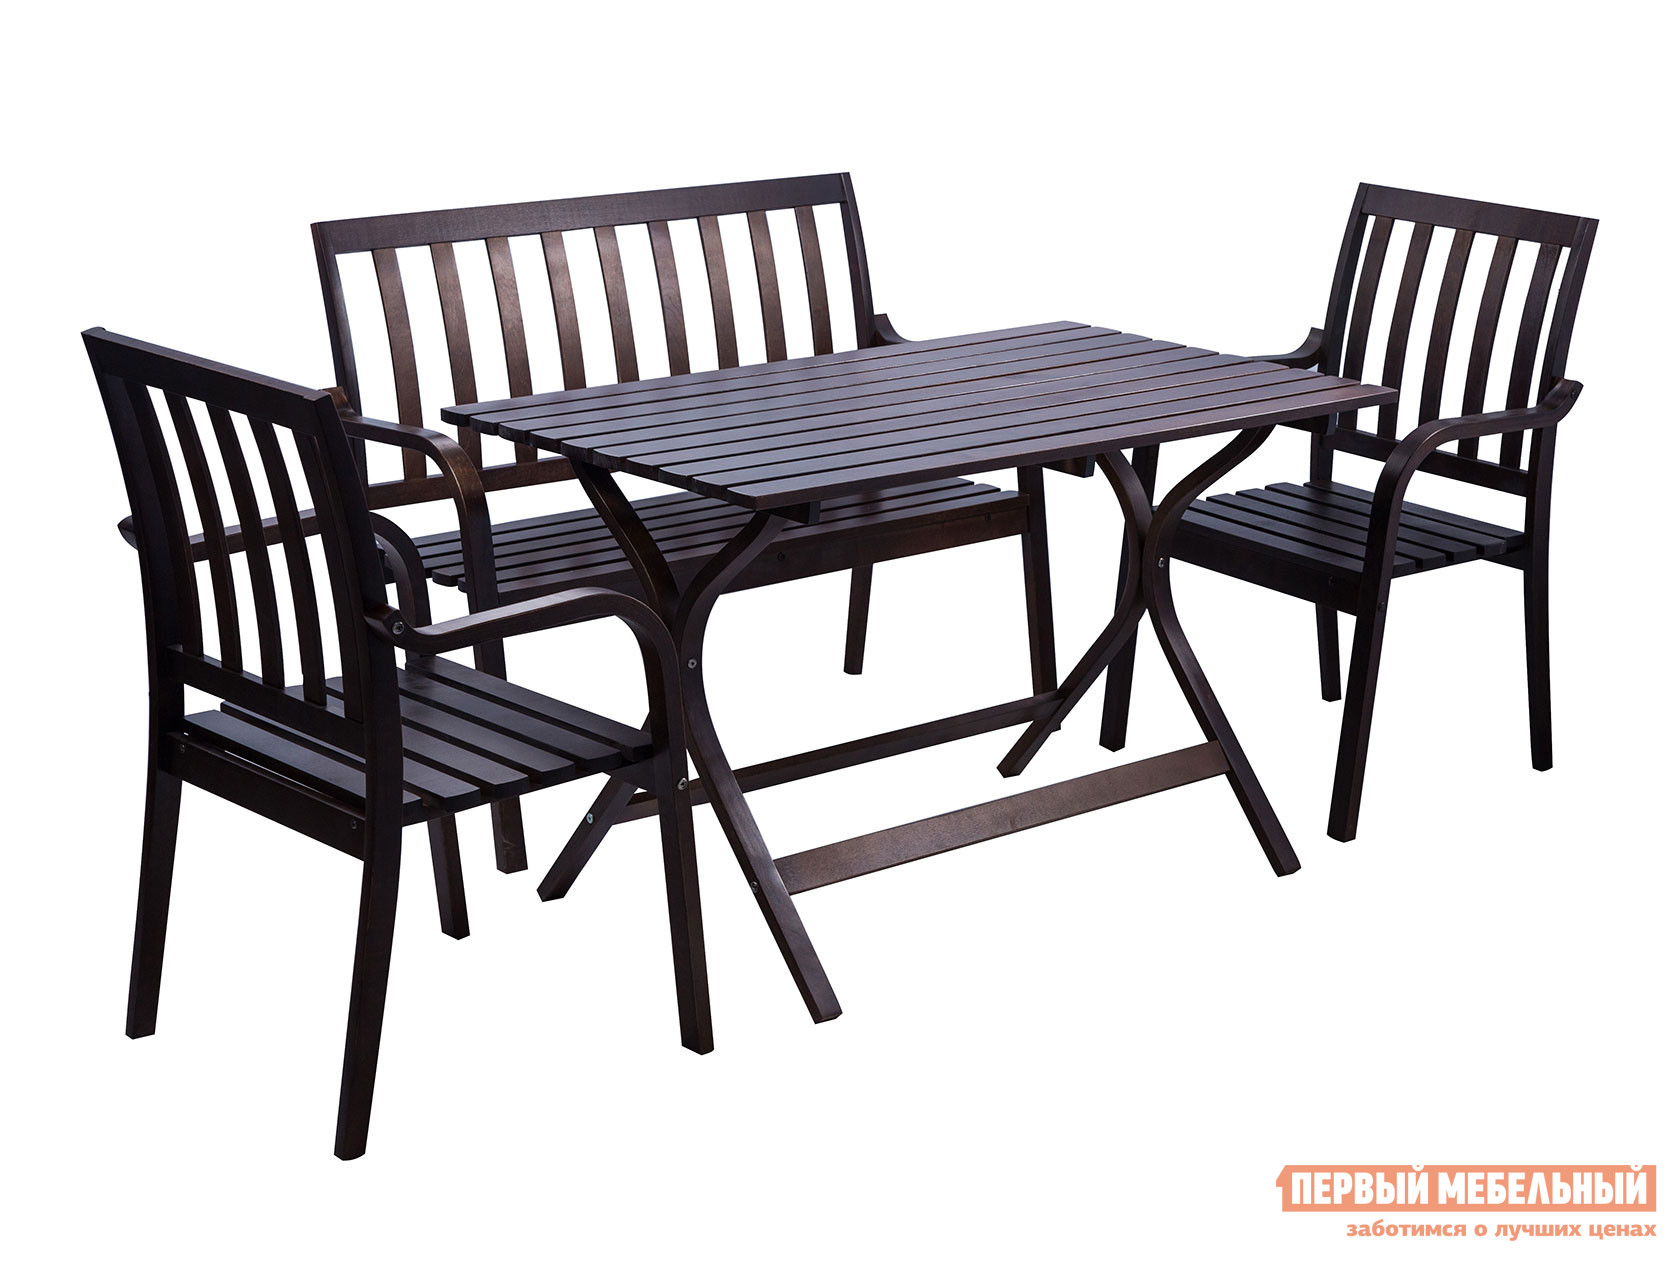 Комплект садовой мебели Mebwill Стол Берн + Диван Берн + 2 кресла Берн